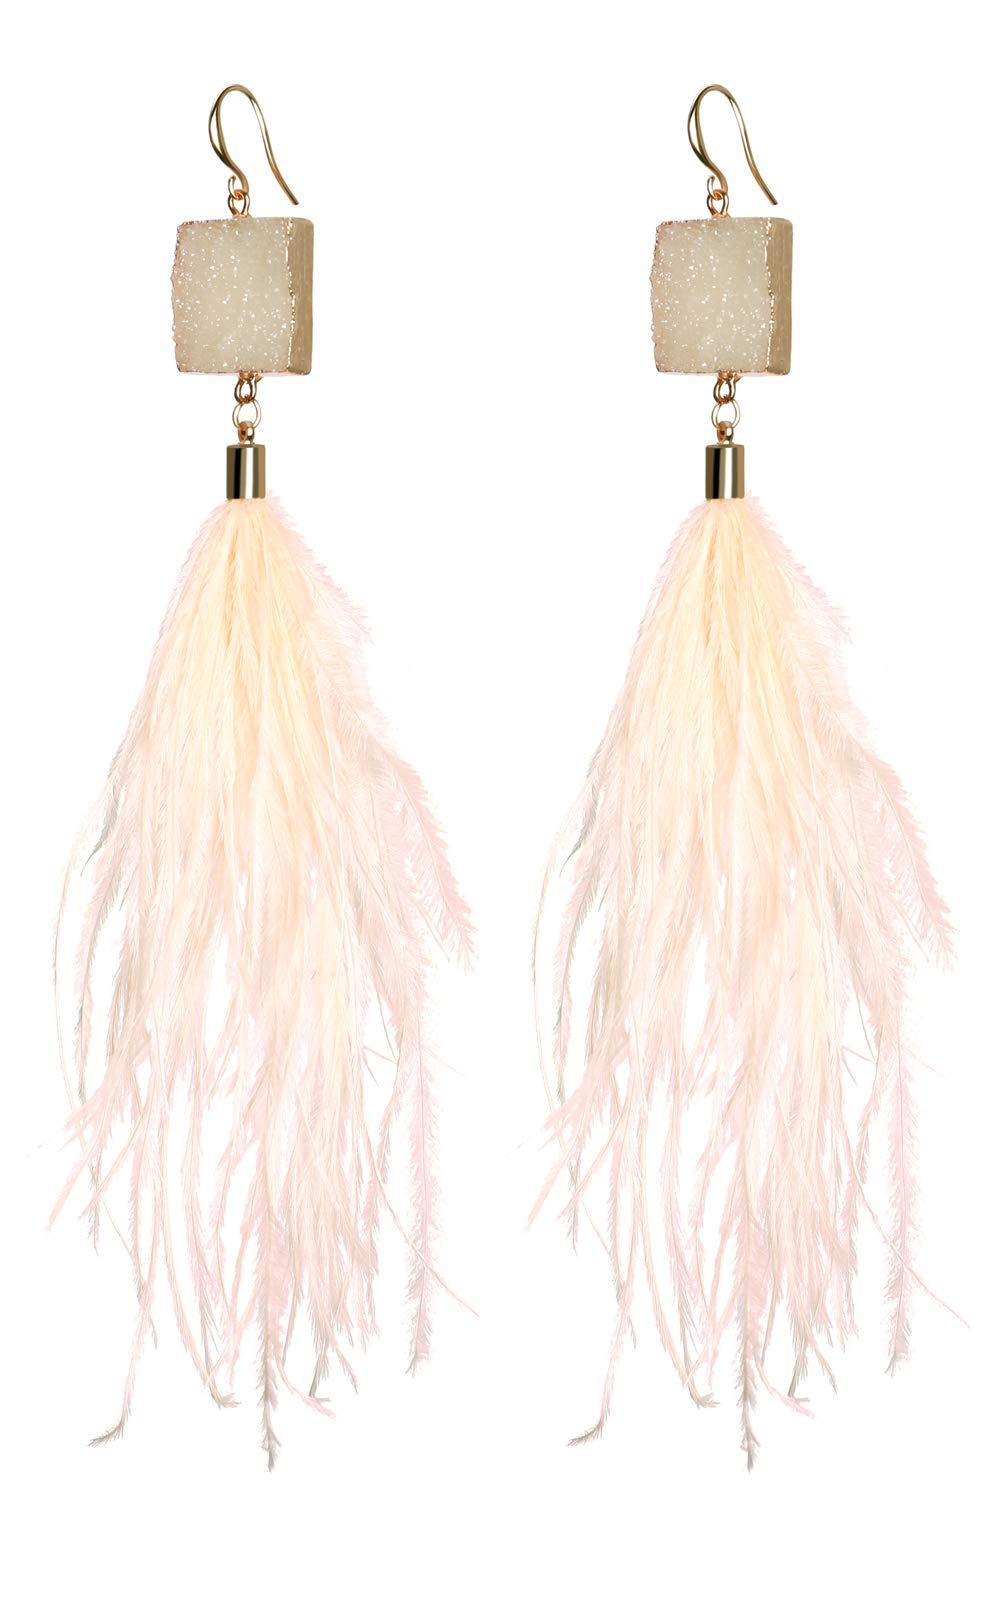 Badu Women Feather Earrings Long Tassel Bohemian Jewelry White Gold Wedding Accessories